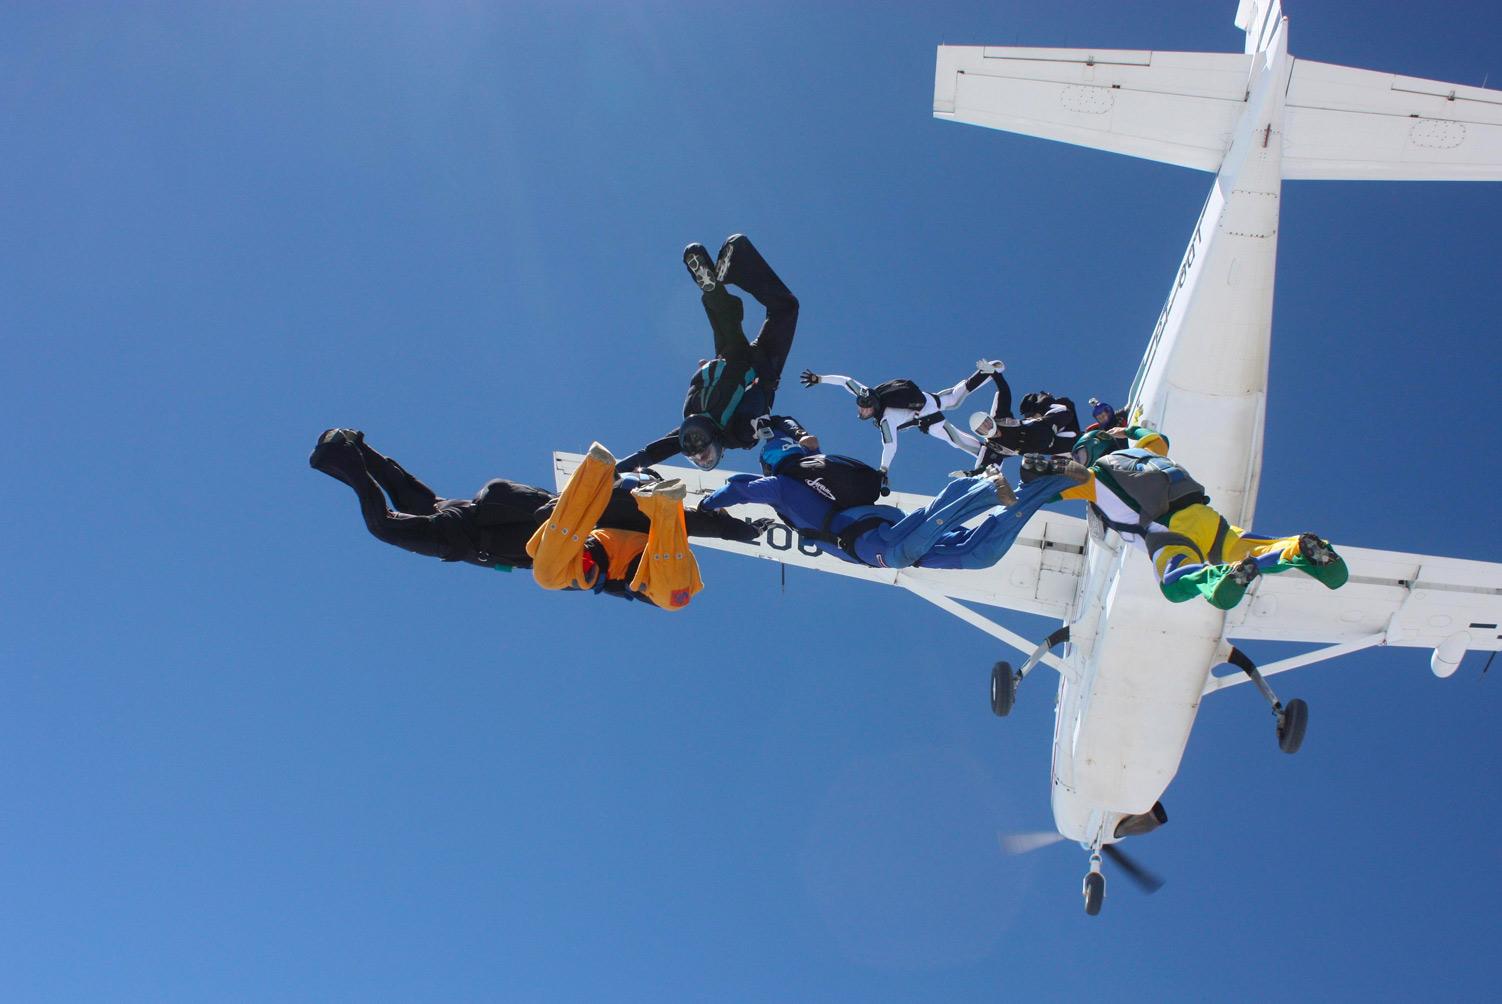 Aprovação de aeronaves para lançamento de paraquedistas